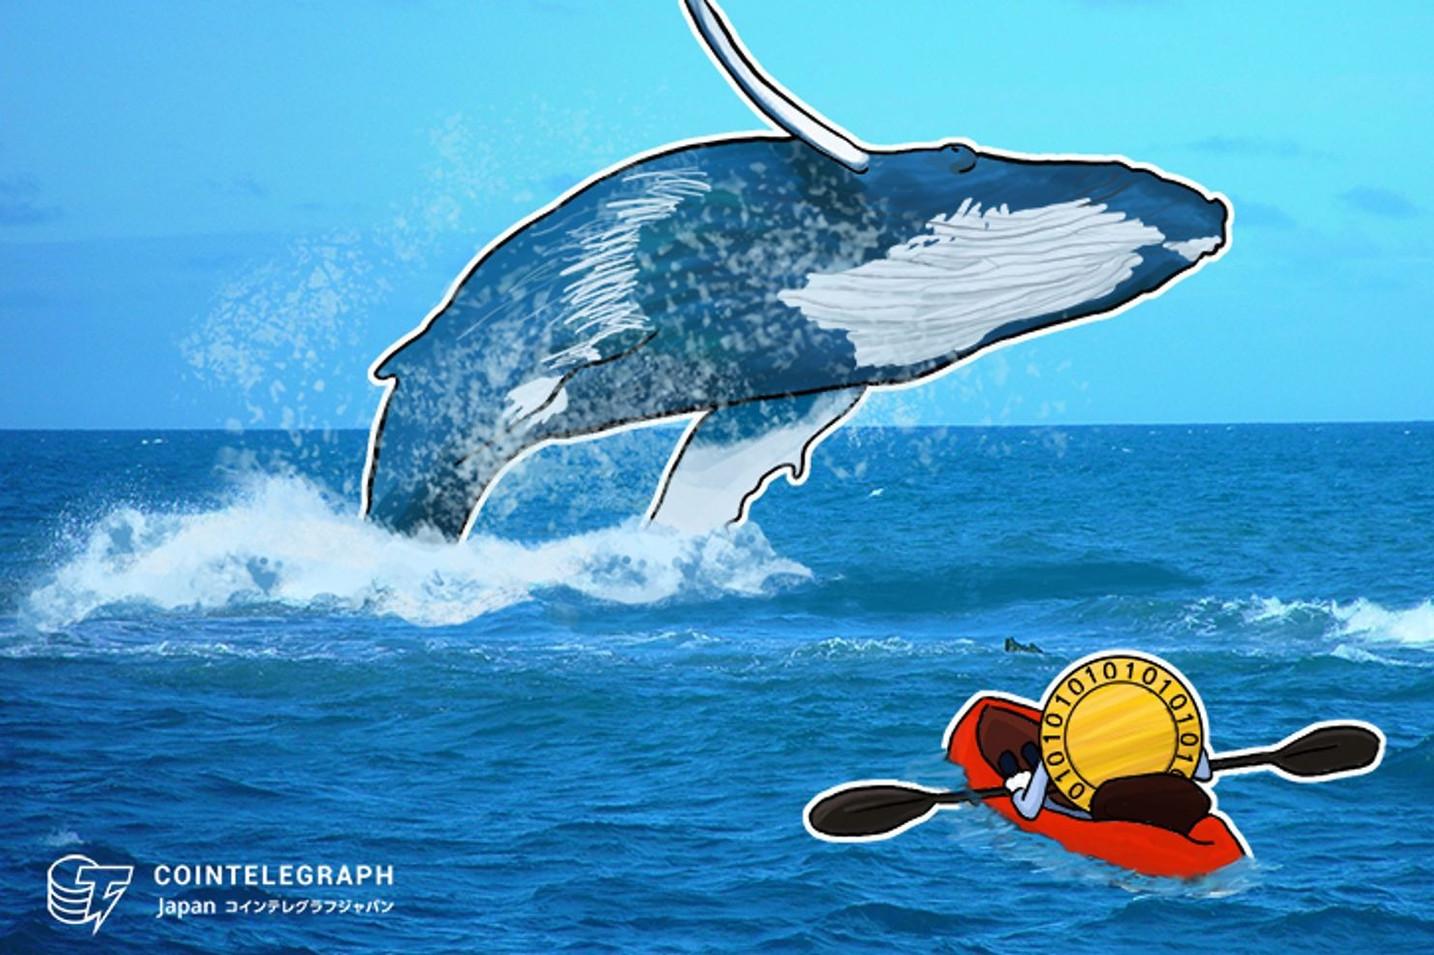 【速報】クジラ出現か?? 仮想通貨ビットコインの22件の連続送金 一回あたり5万5000BTC